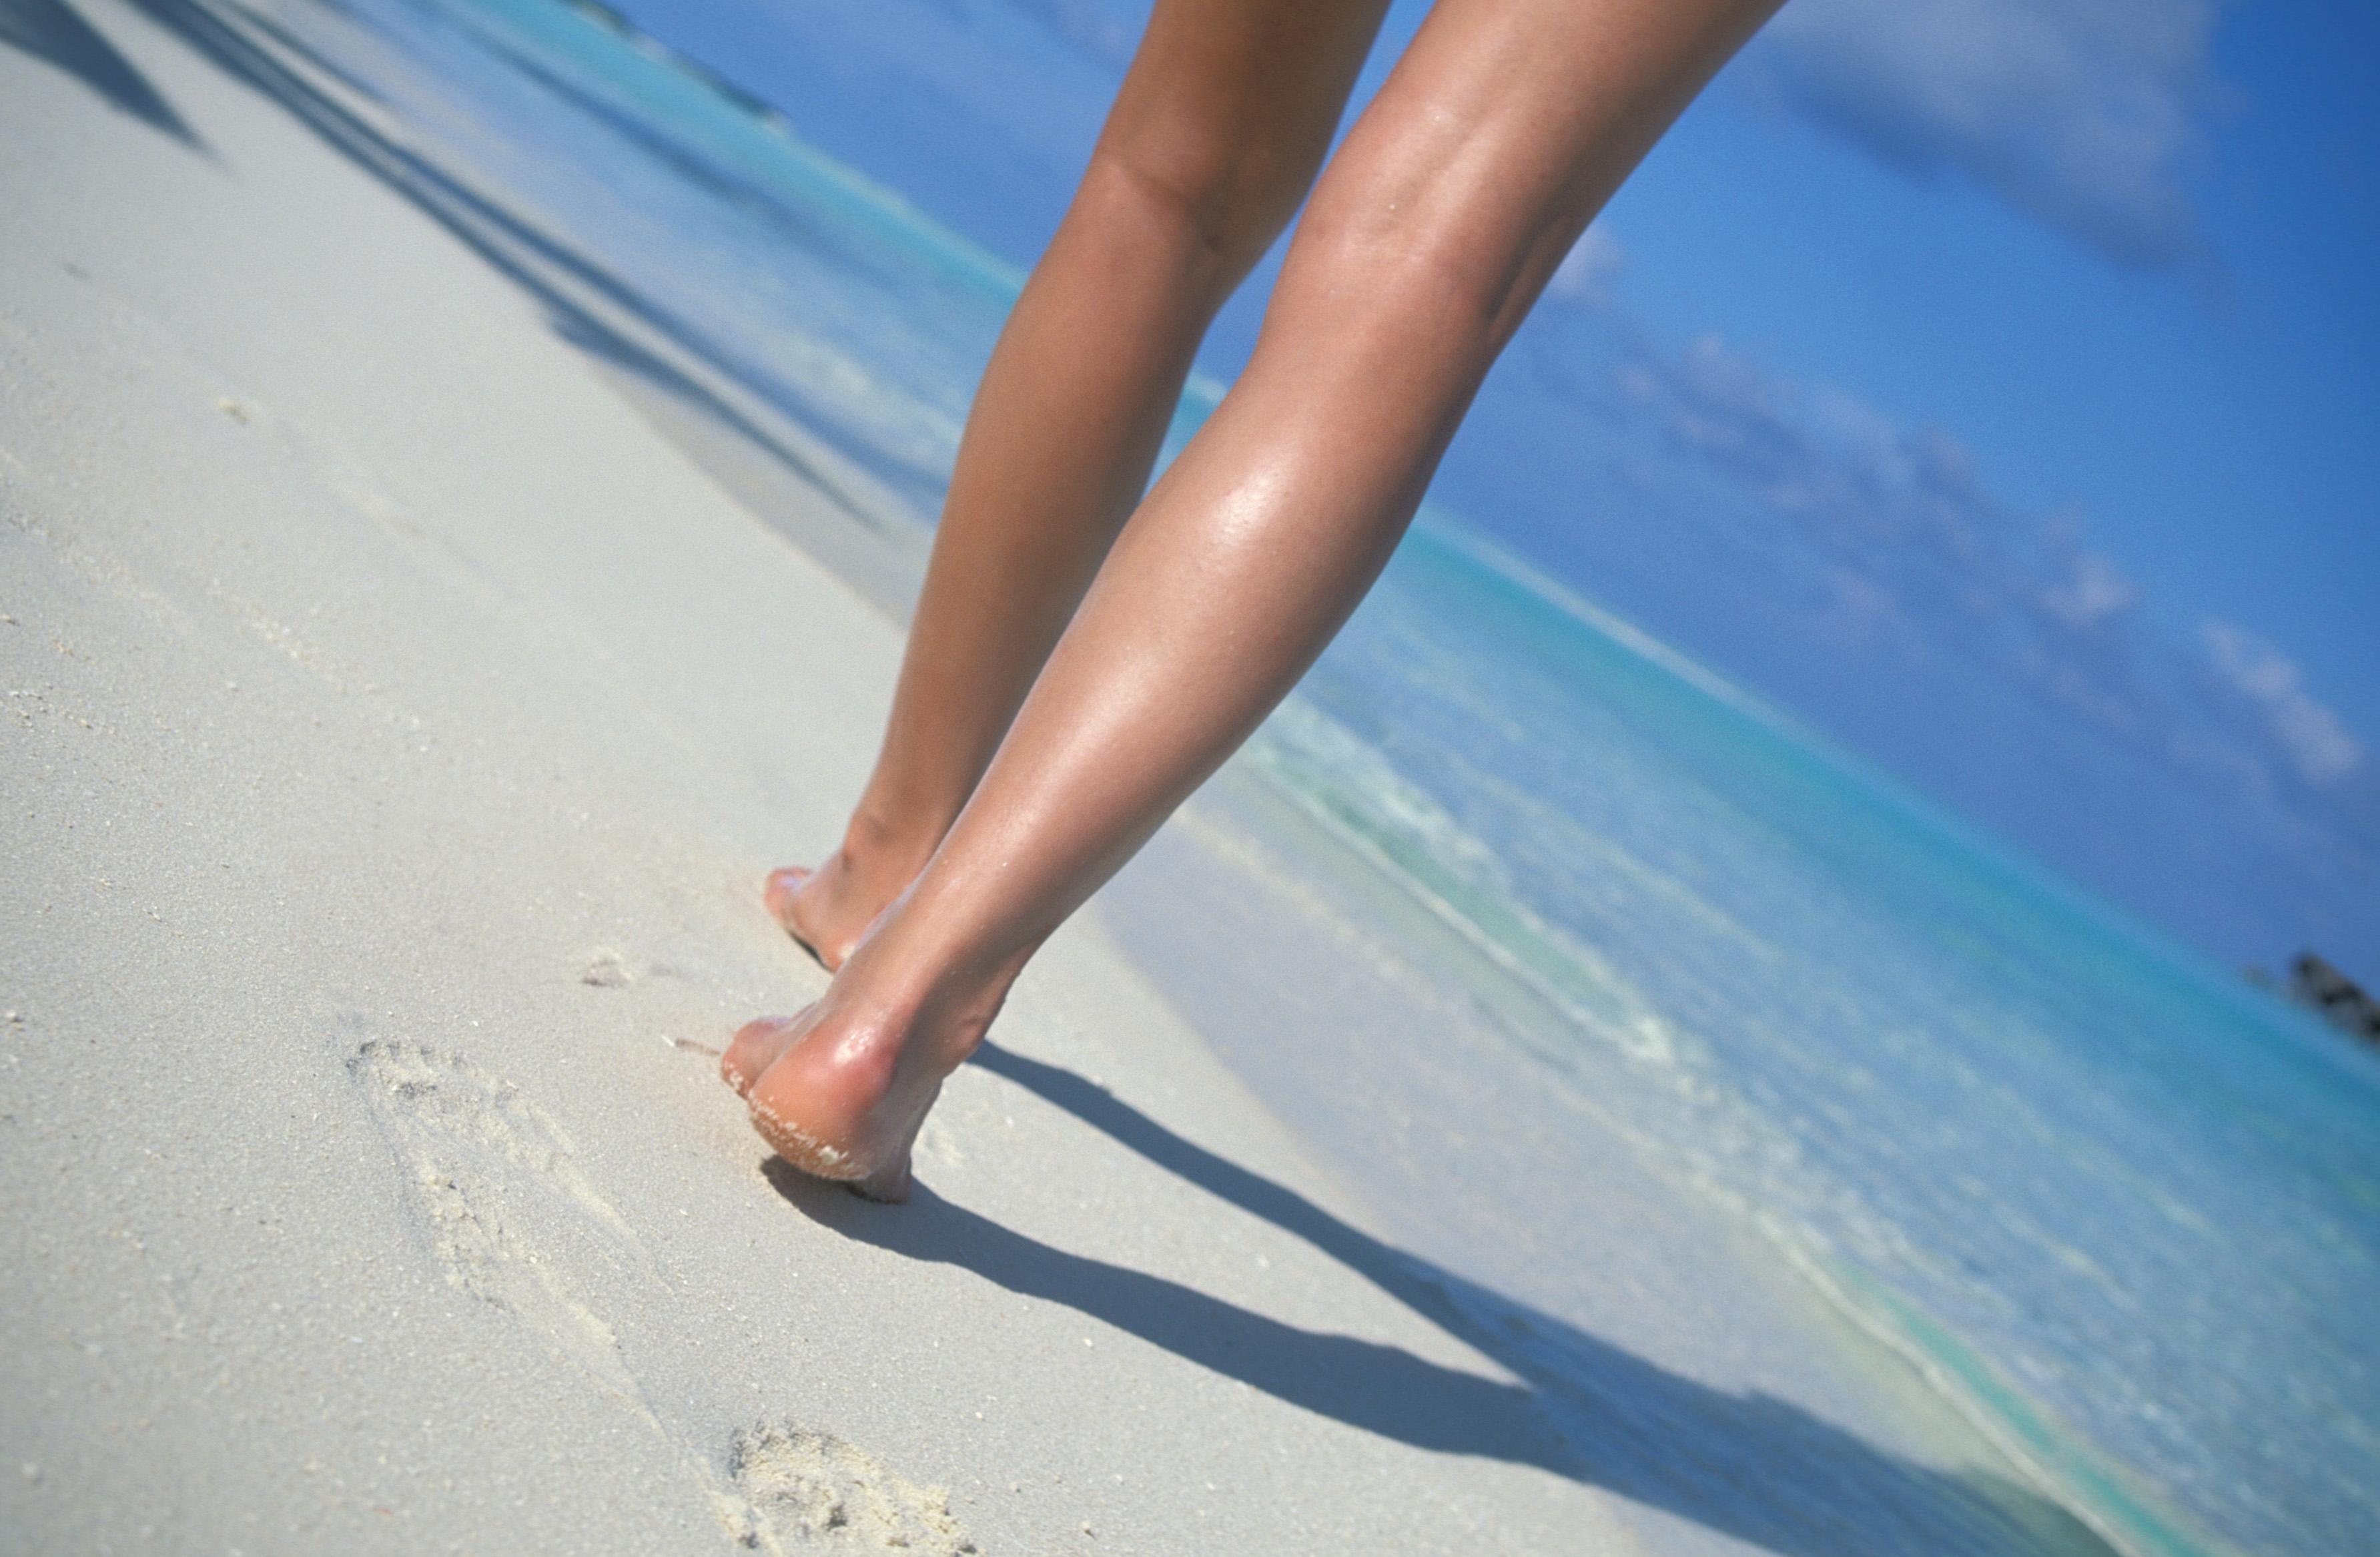 keres egy hét szigeten nő i am looking for egy nő az utazási